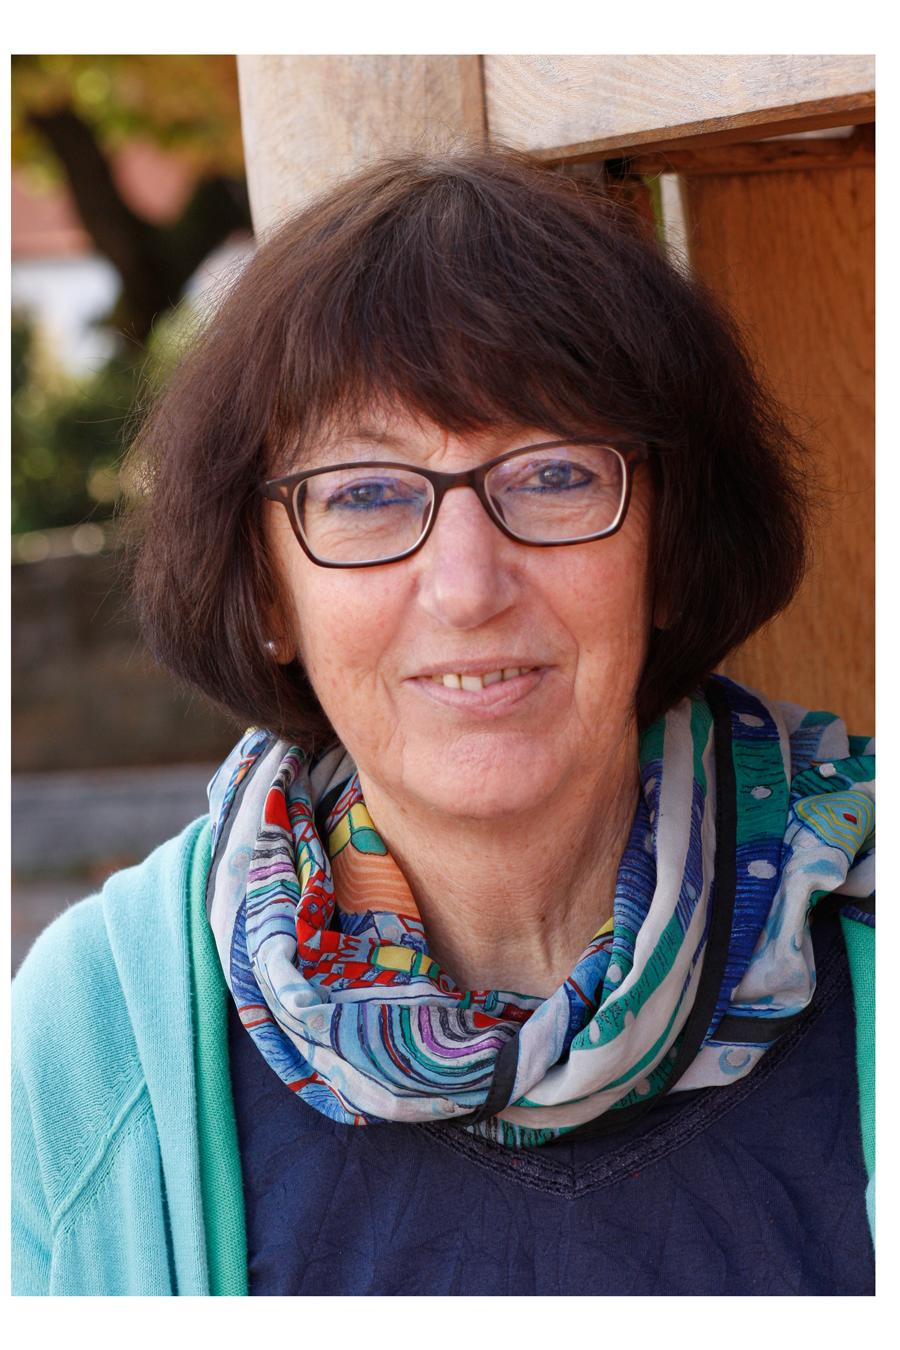 Susanne Schultz